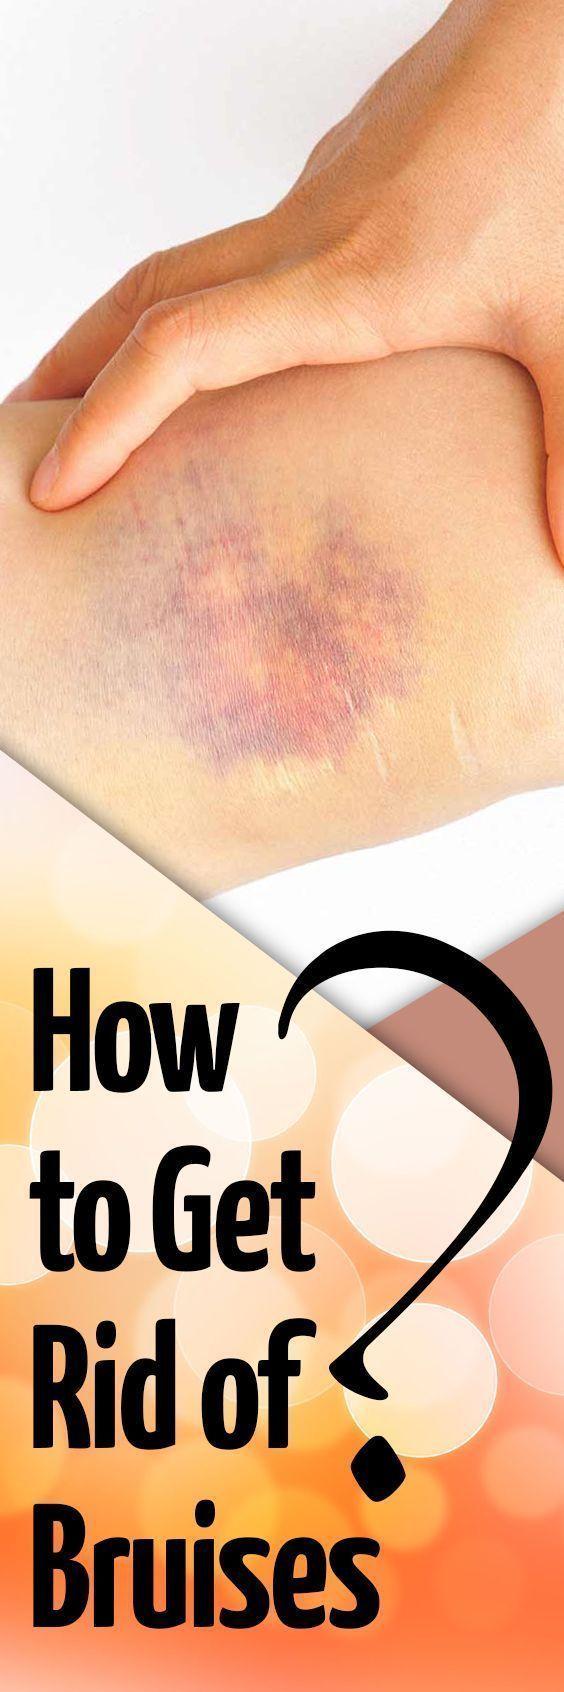 7693a28e56d98959c85ef8465057b6b9 - How To Get Rid Of Bruises On Face Overnight